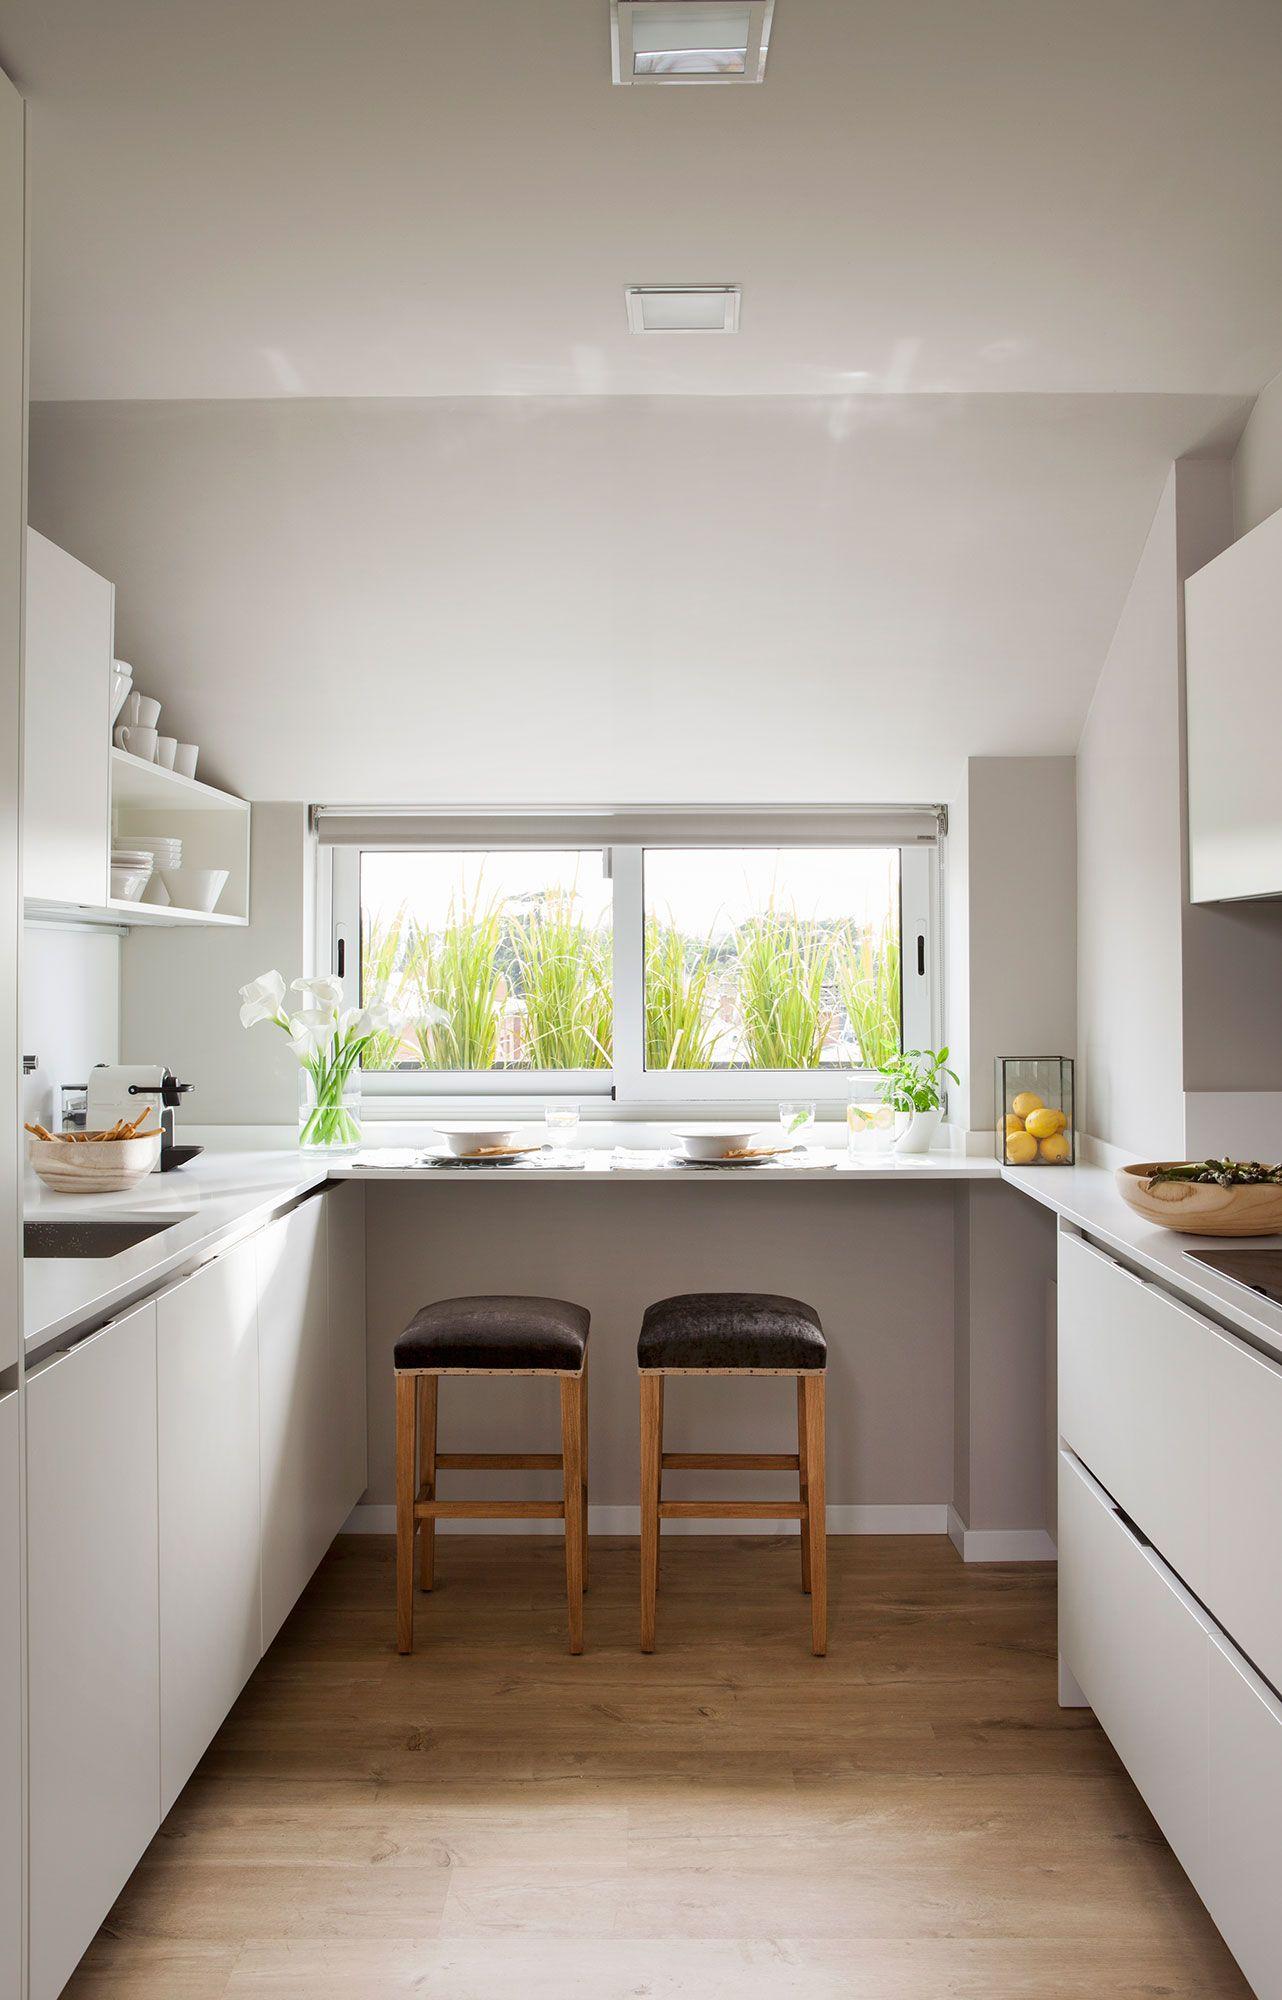 Cocina peque a blanca en u con peque a barra de for Cocinas blancas pequenas